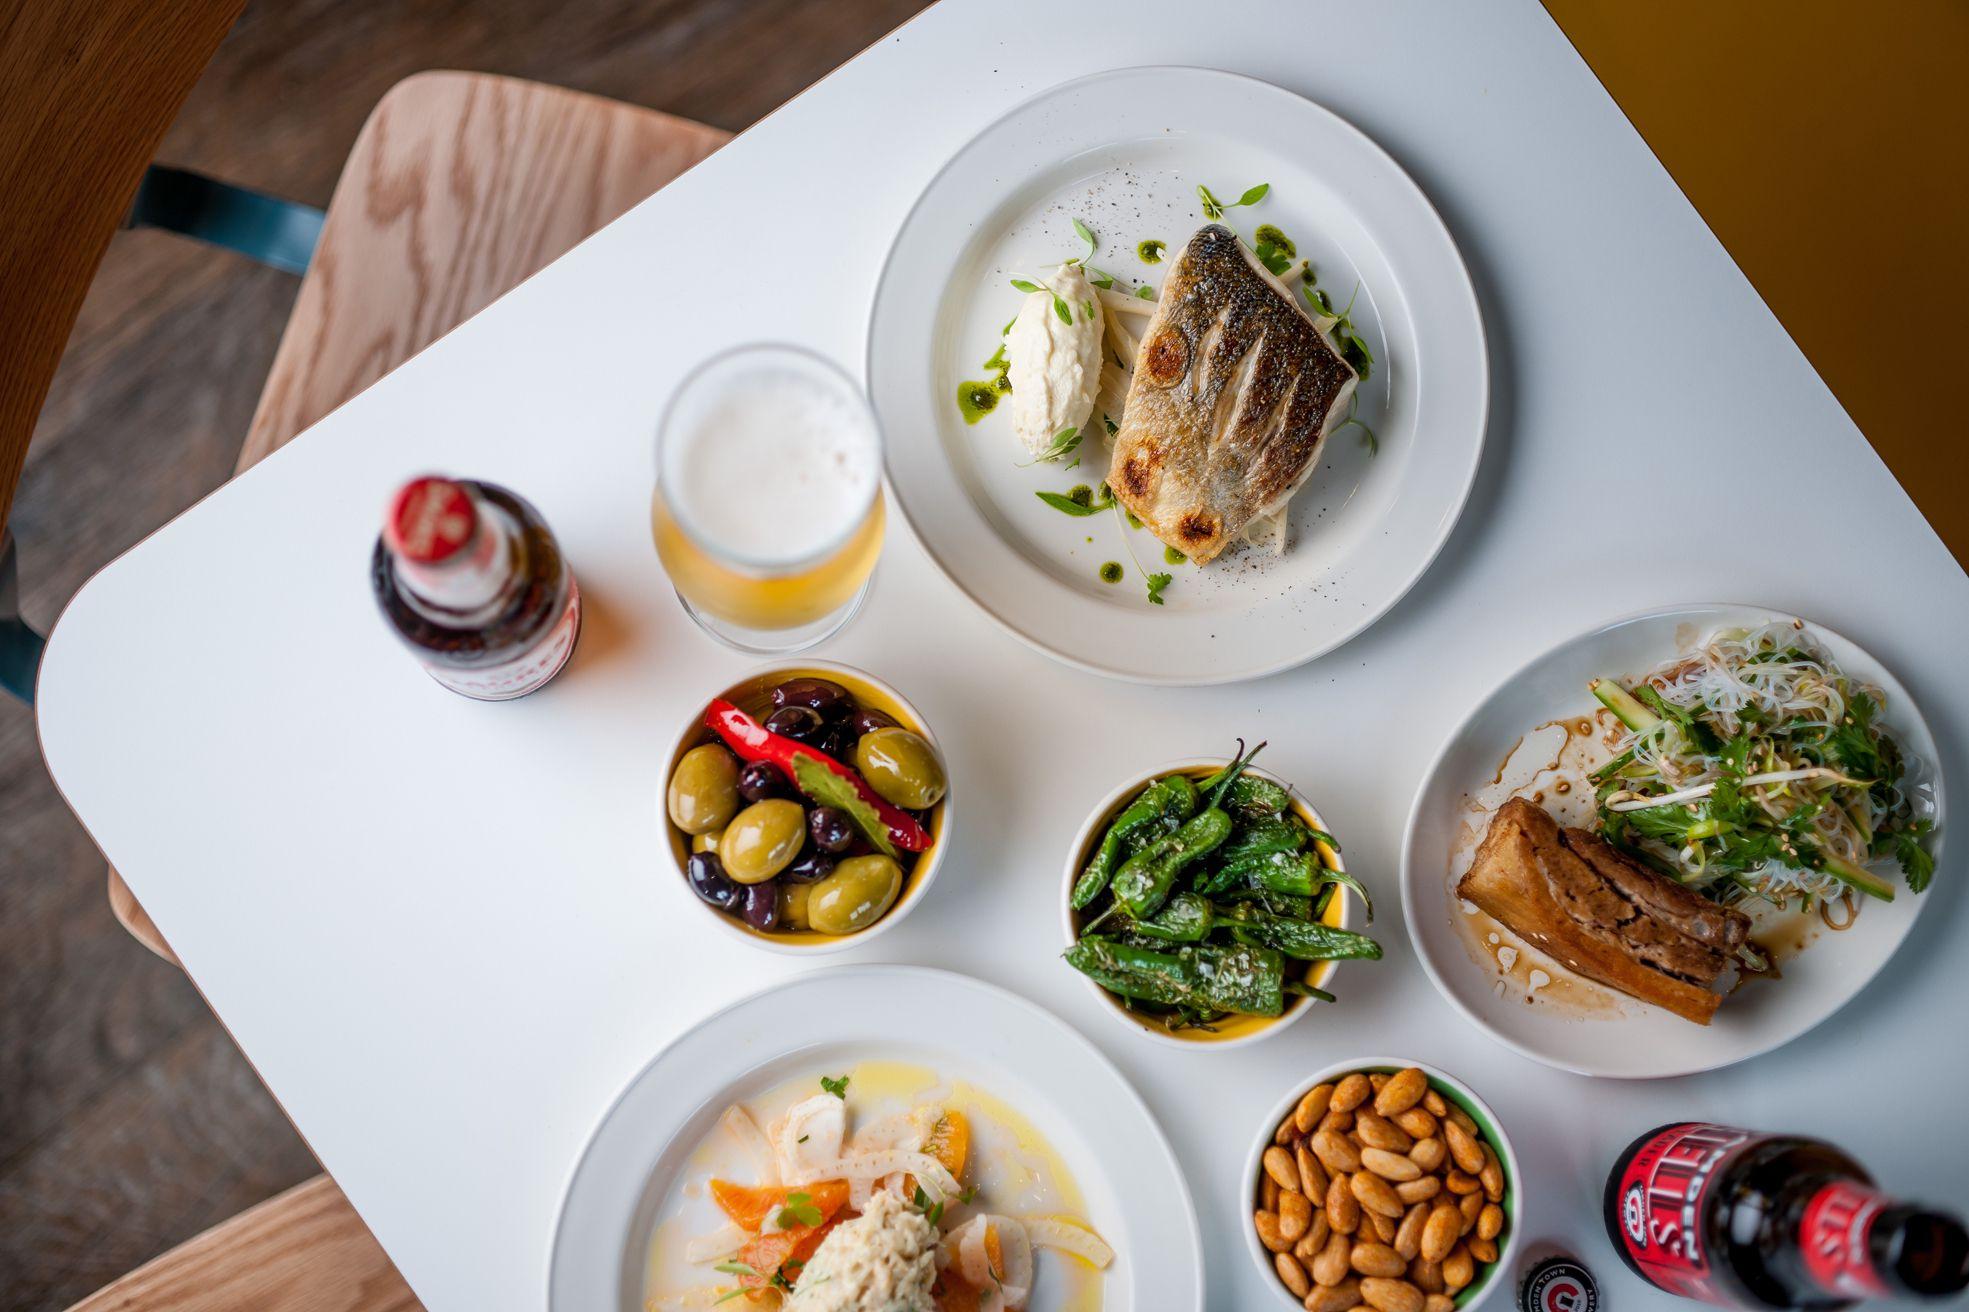 Little Plates Bar & Eatery